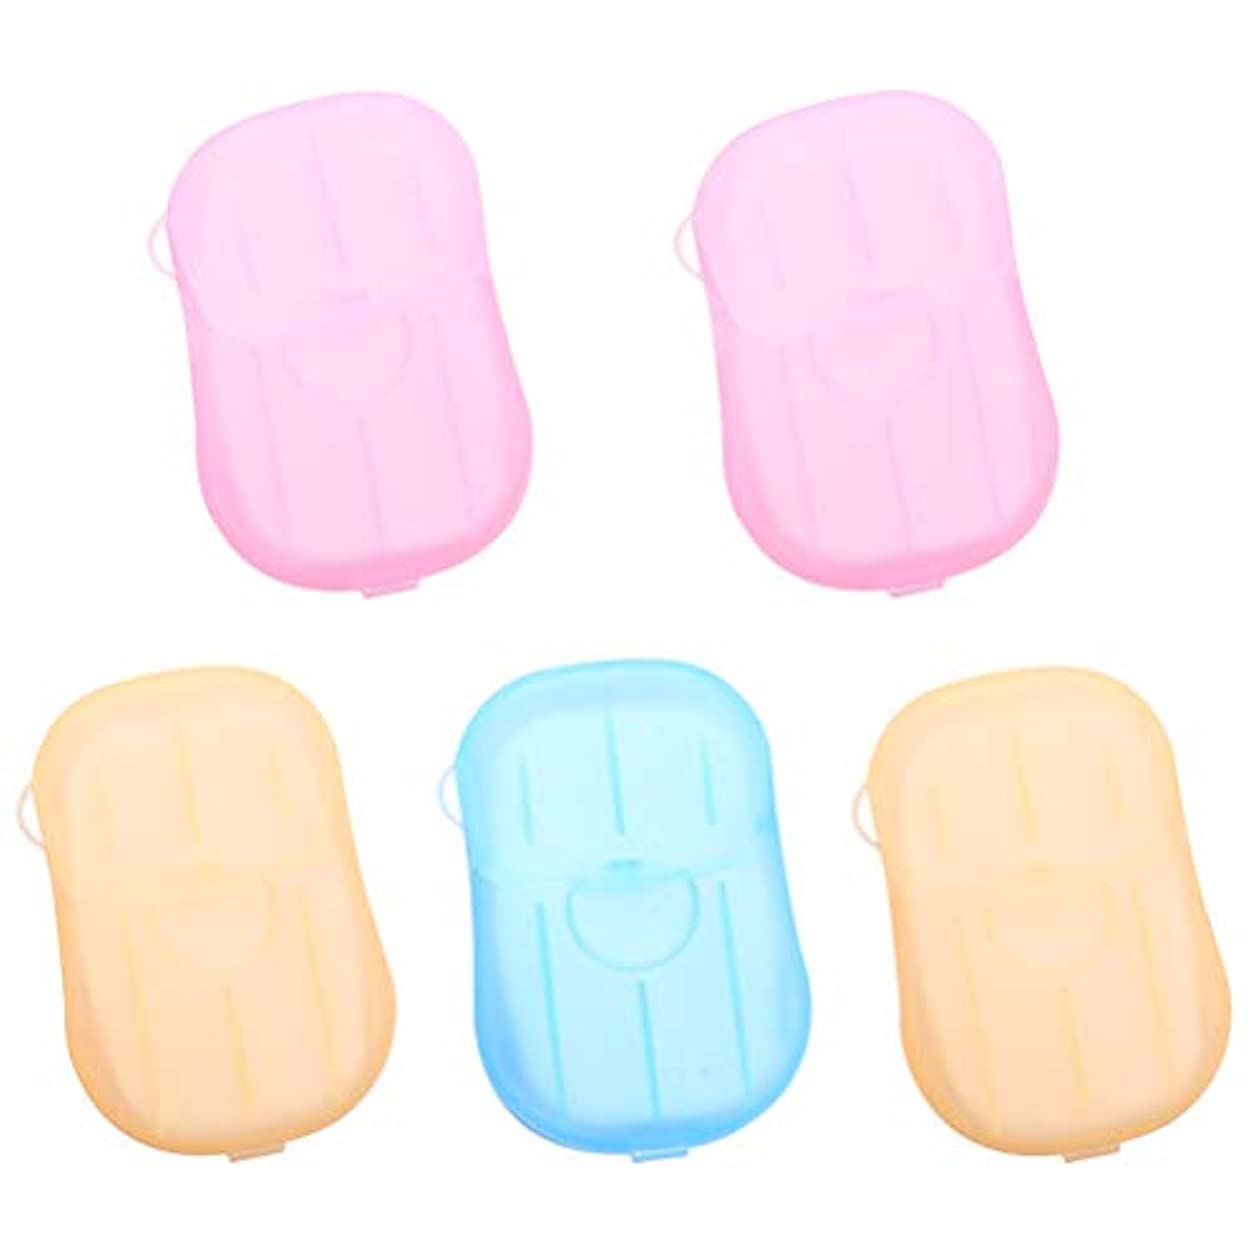 億物足りない盲目Healifty 5pcs乾燥石鹸は、発泡ボックスの紙の石鹸のフレークを洗うハンドバス石鹸のスライドシート